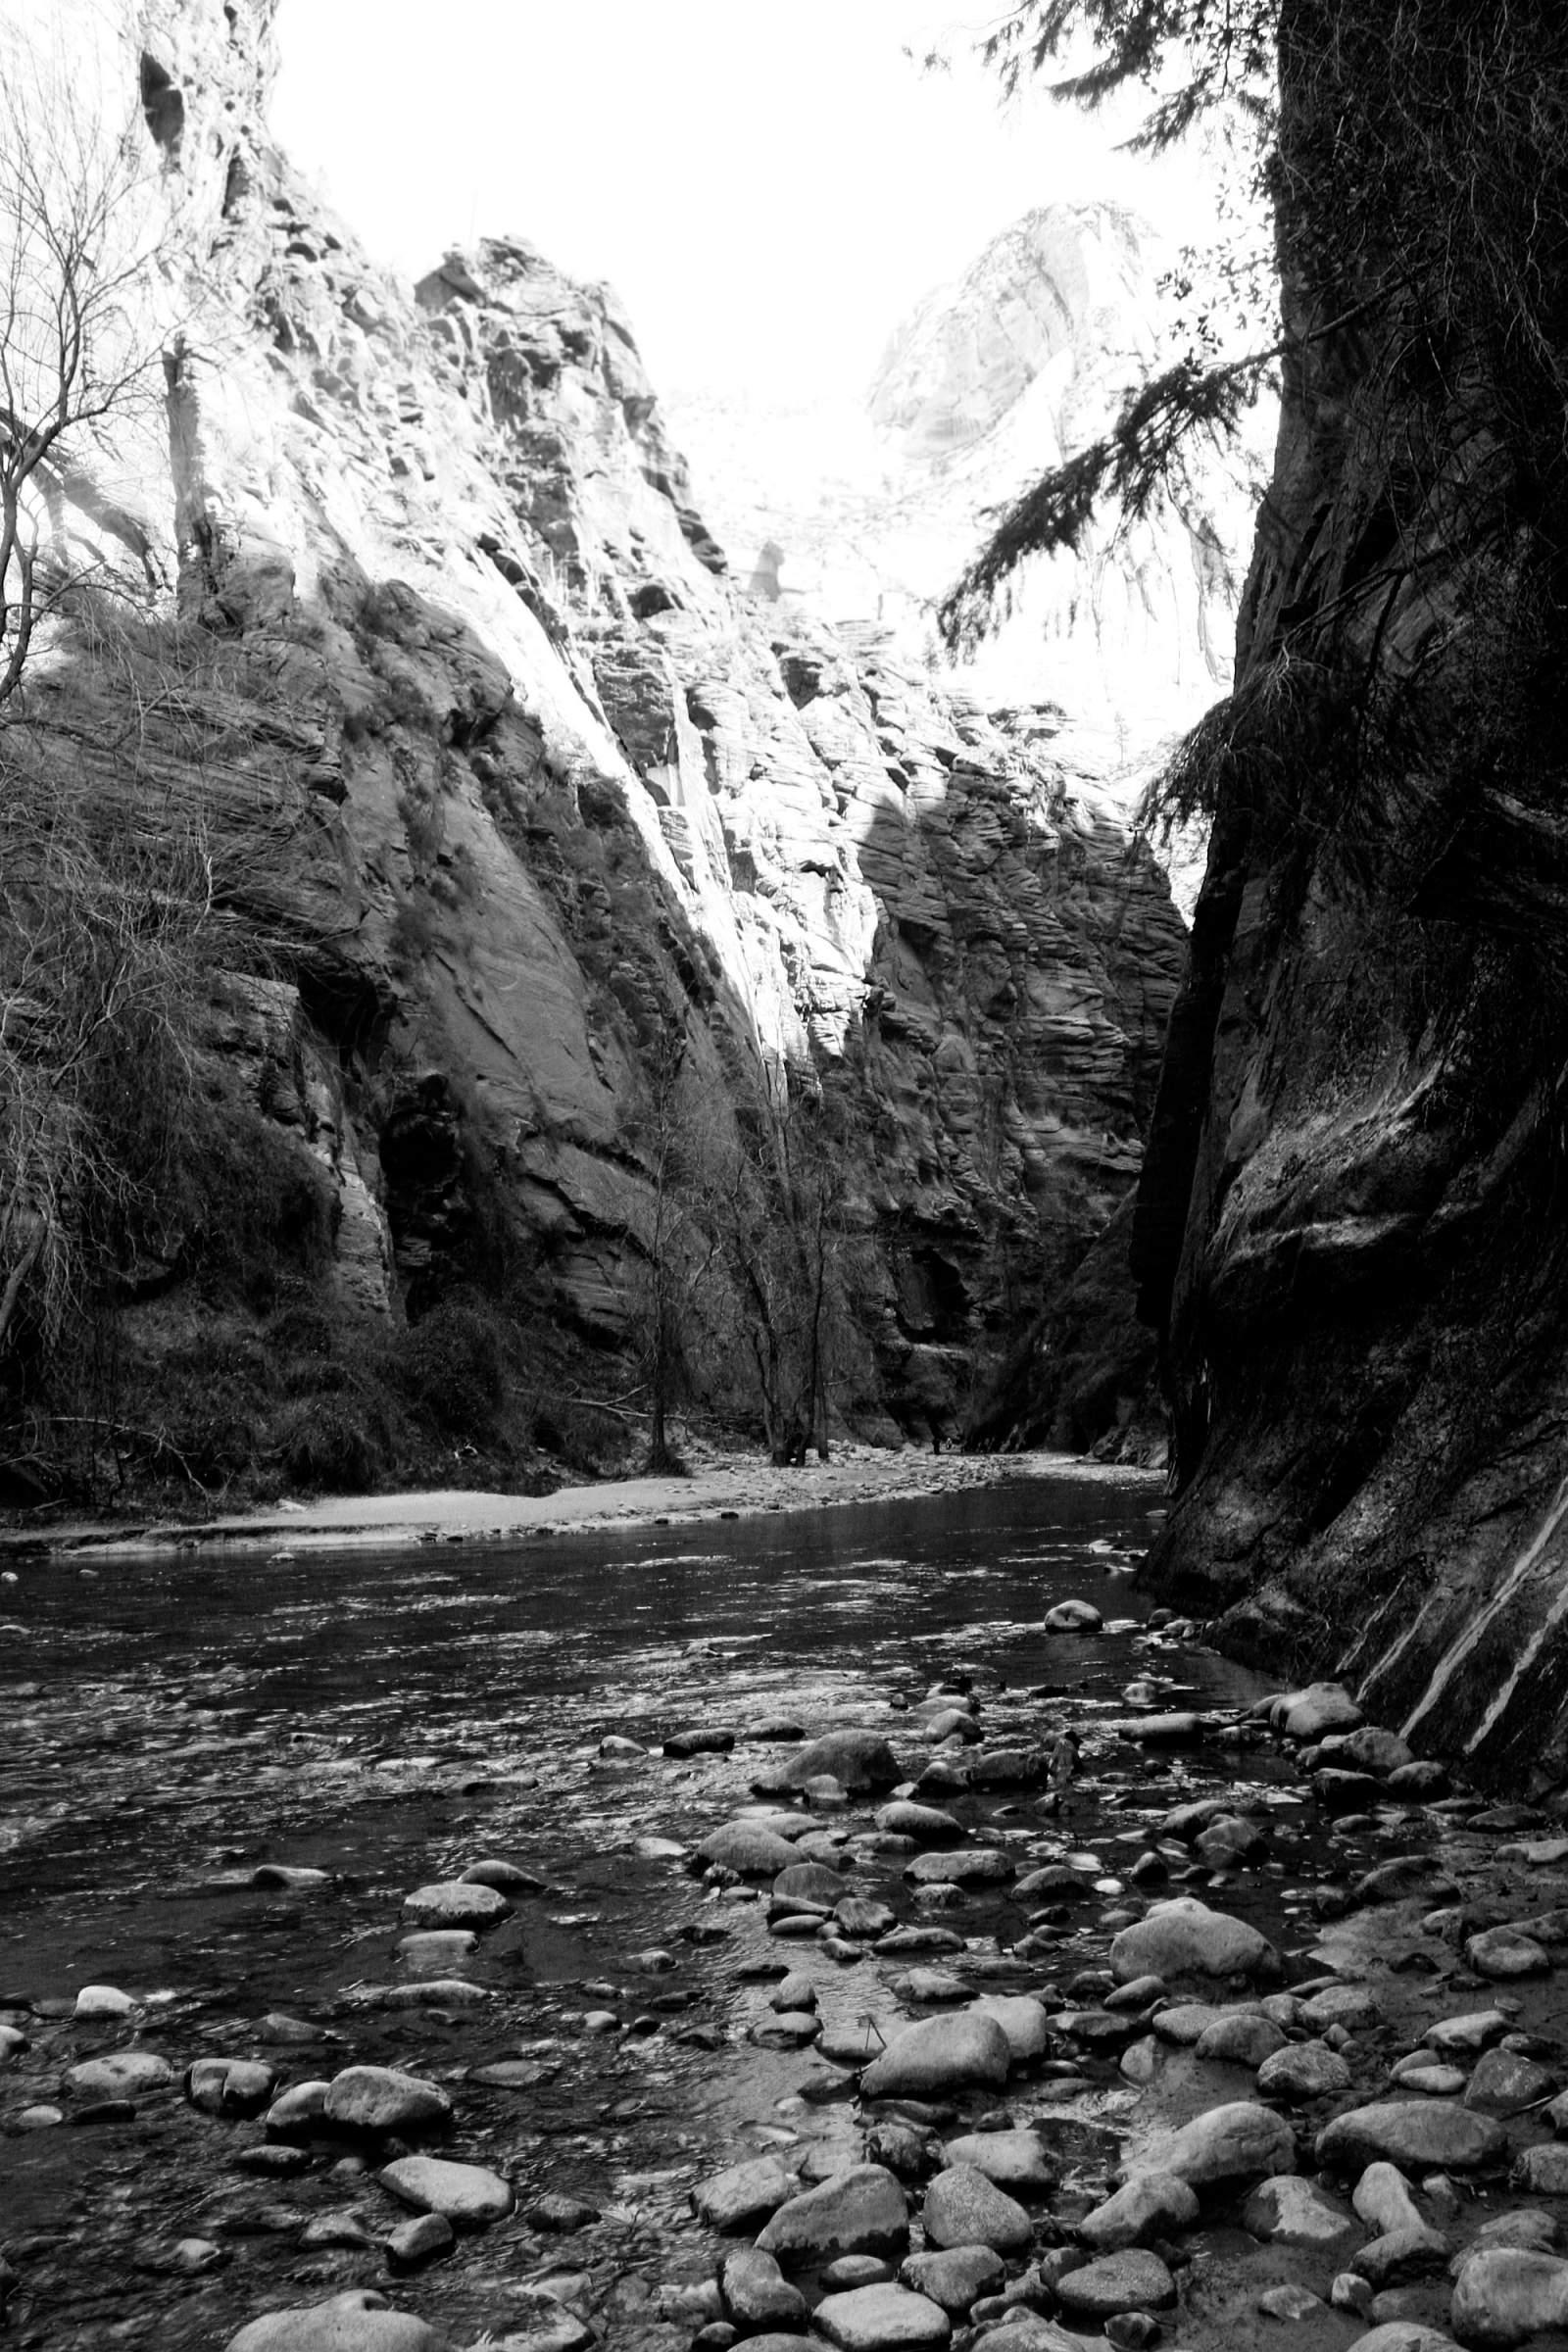 Zion National Park, UT 2014